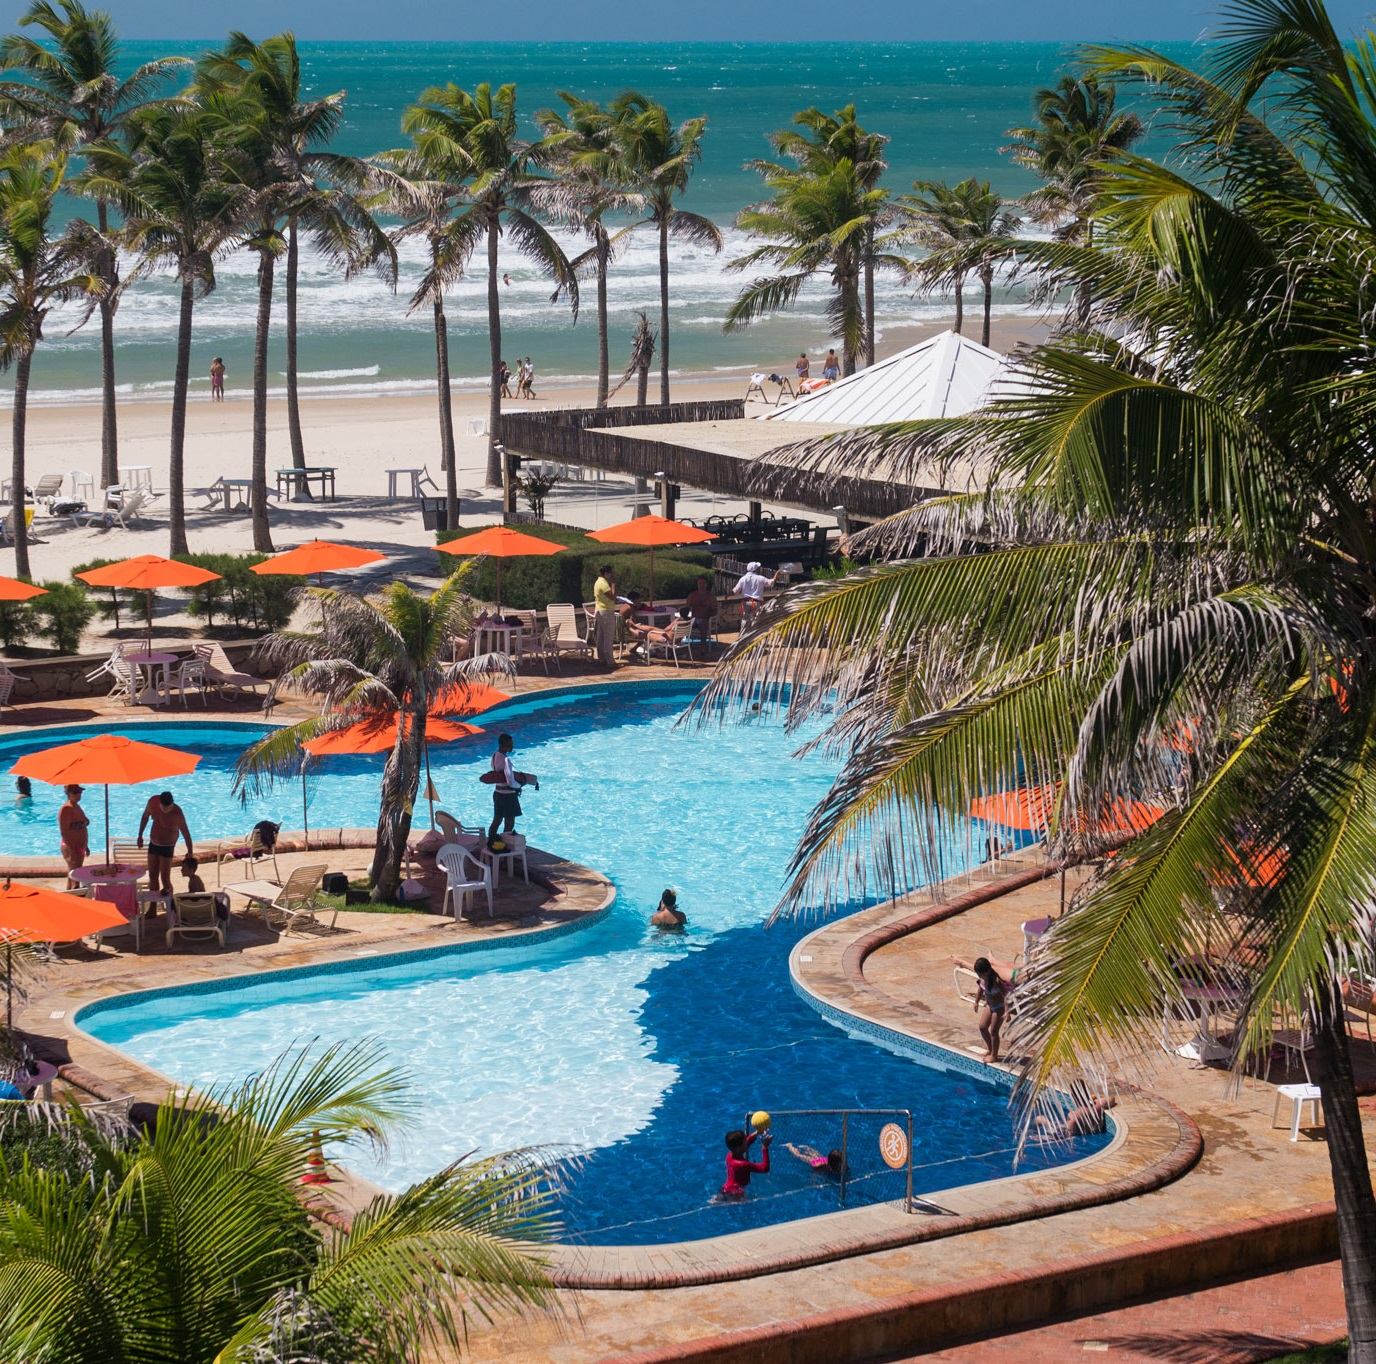 Day Use no Oceani: aproveitando o melhor do hotel